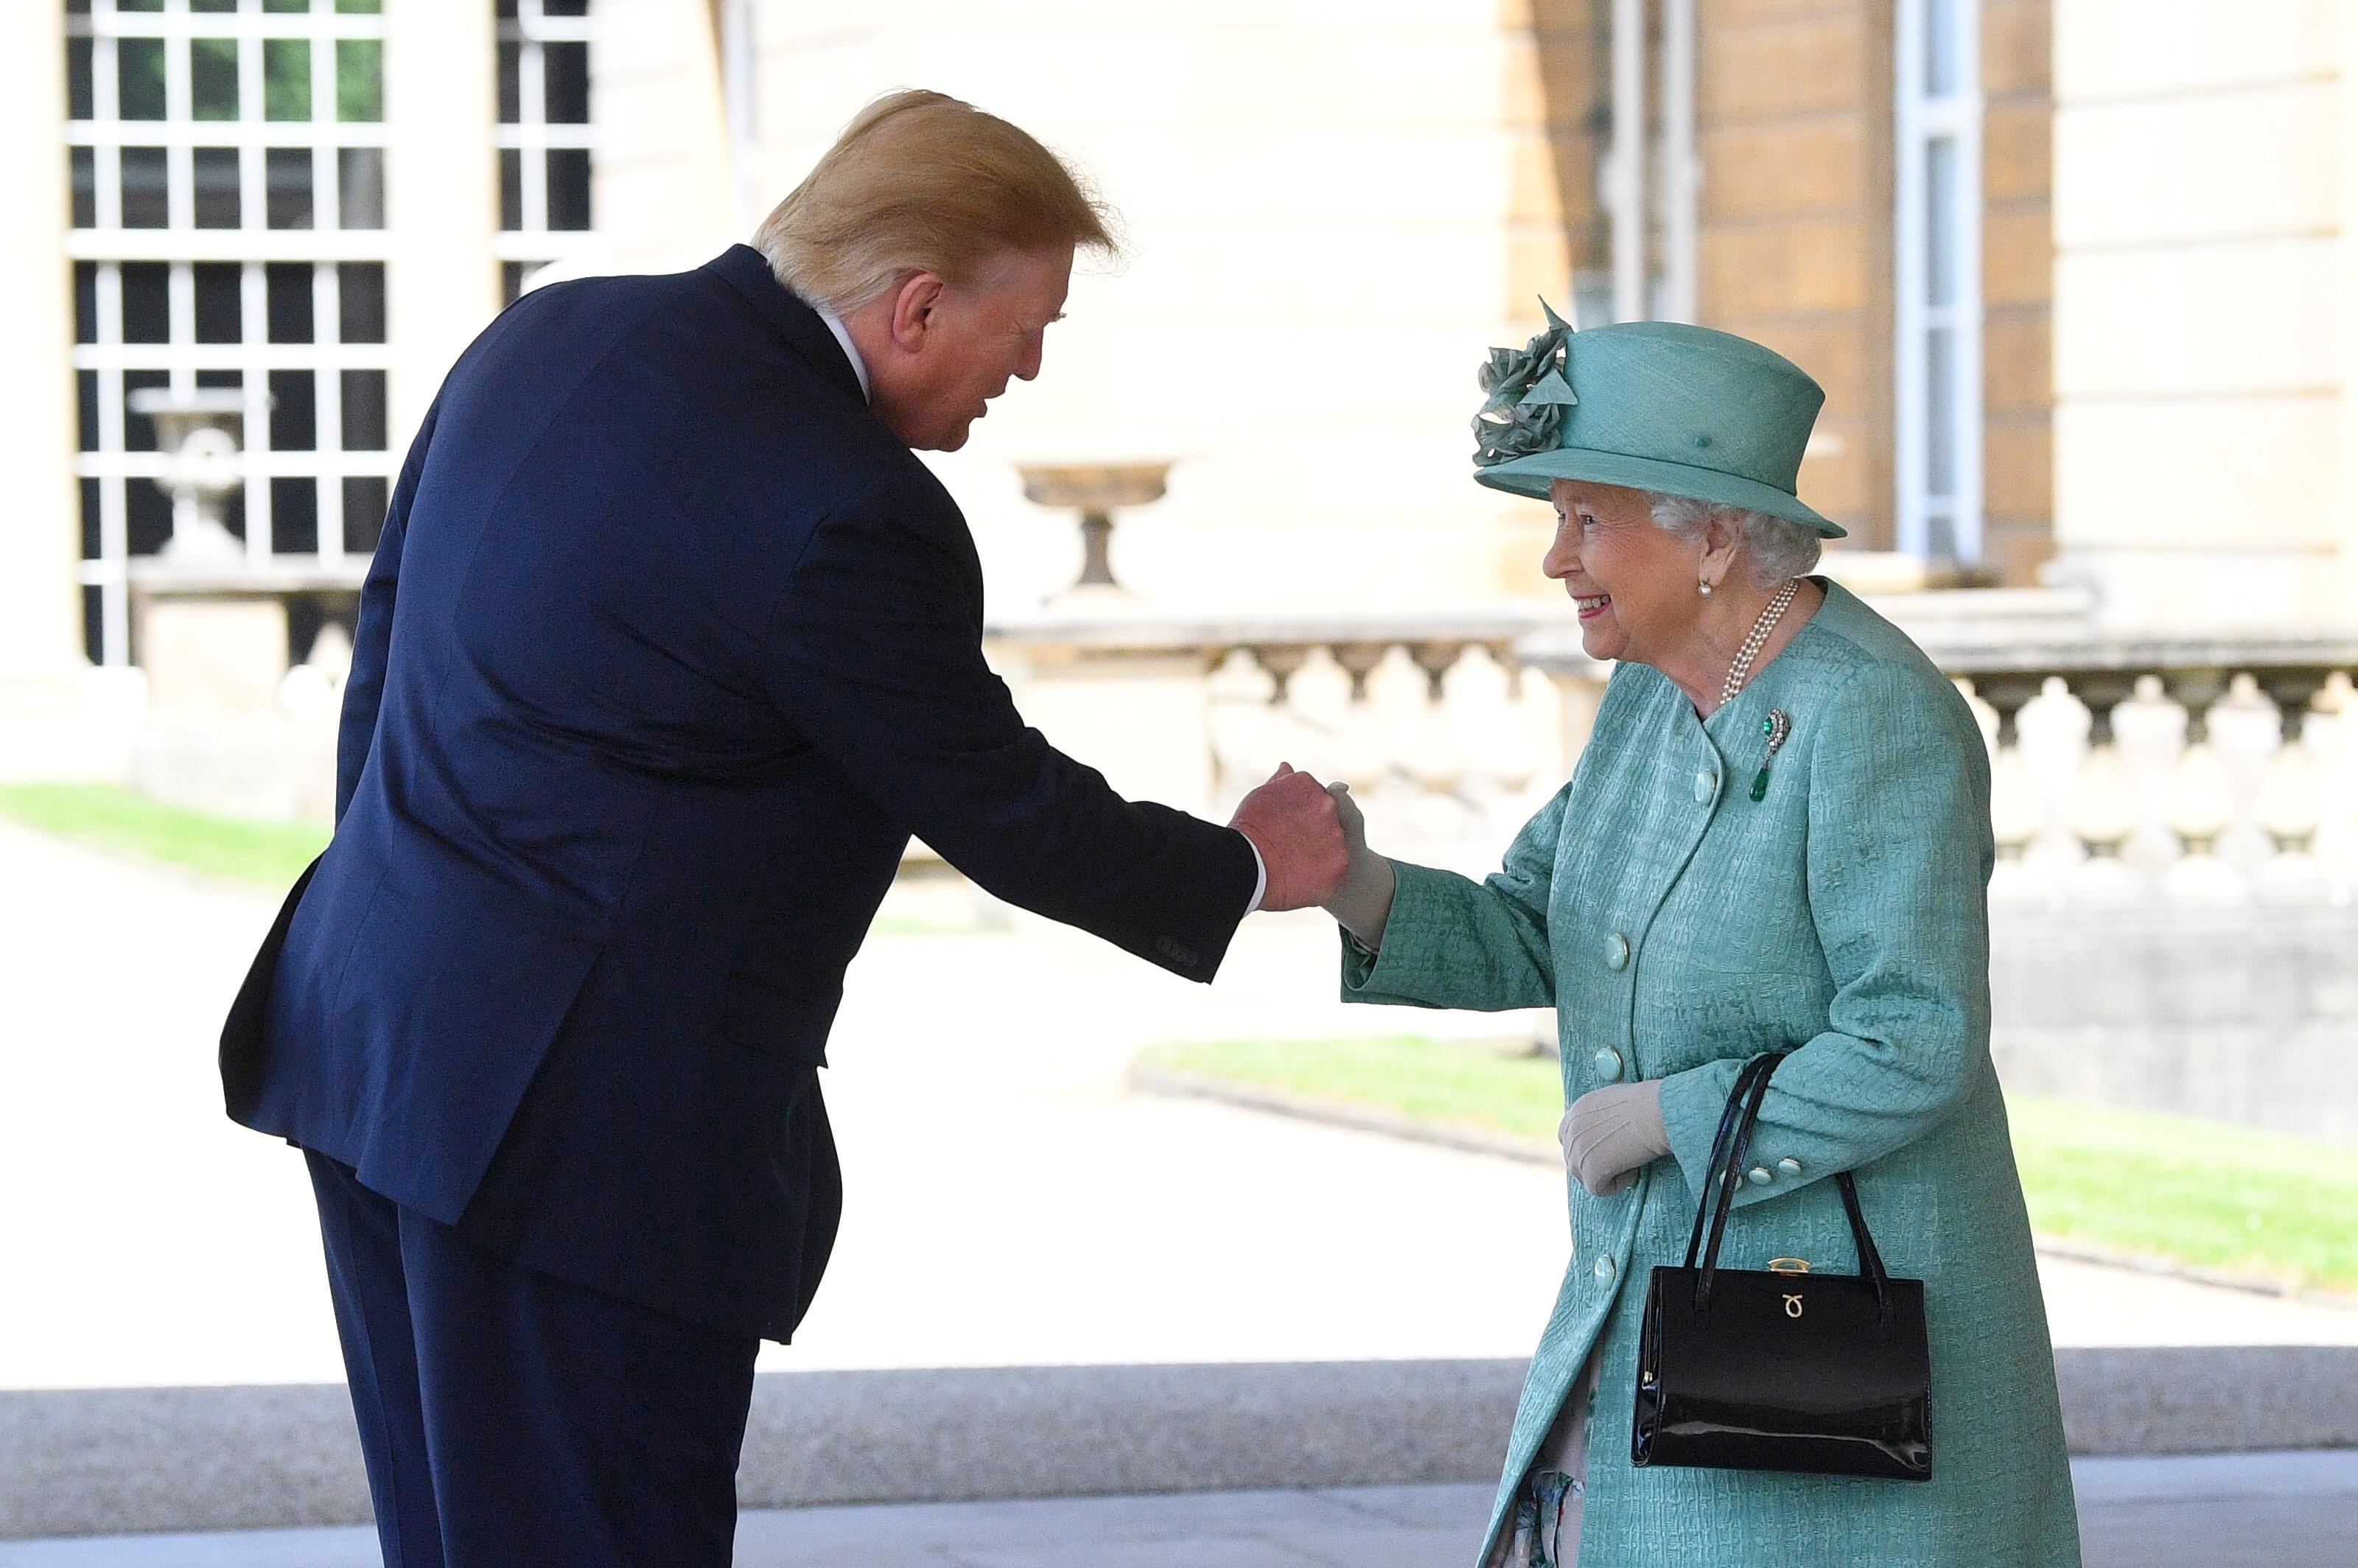 الرئيس دونالد ترامب يصافح ملكة بريطانيا إليزابيث